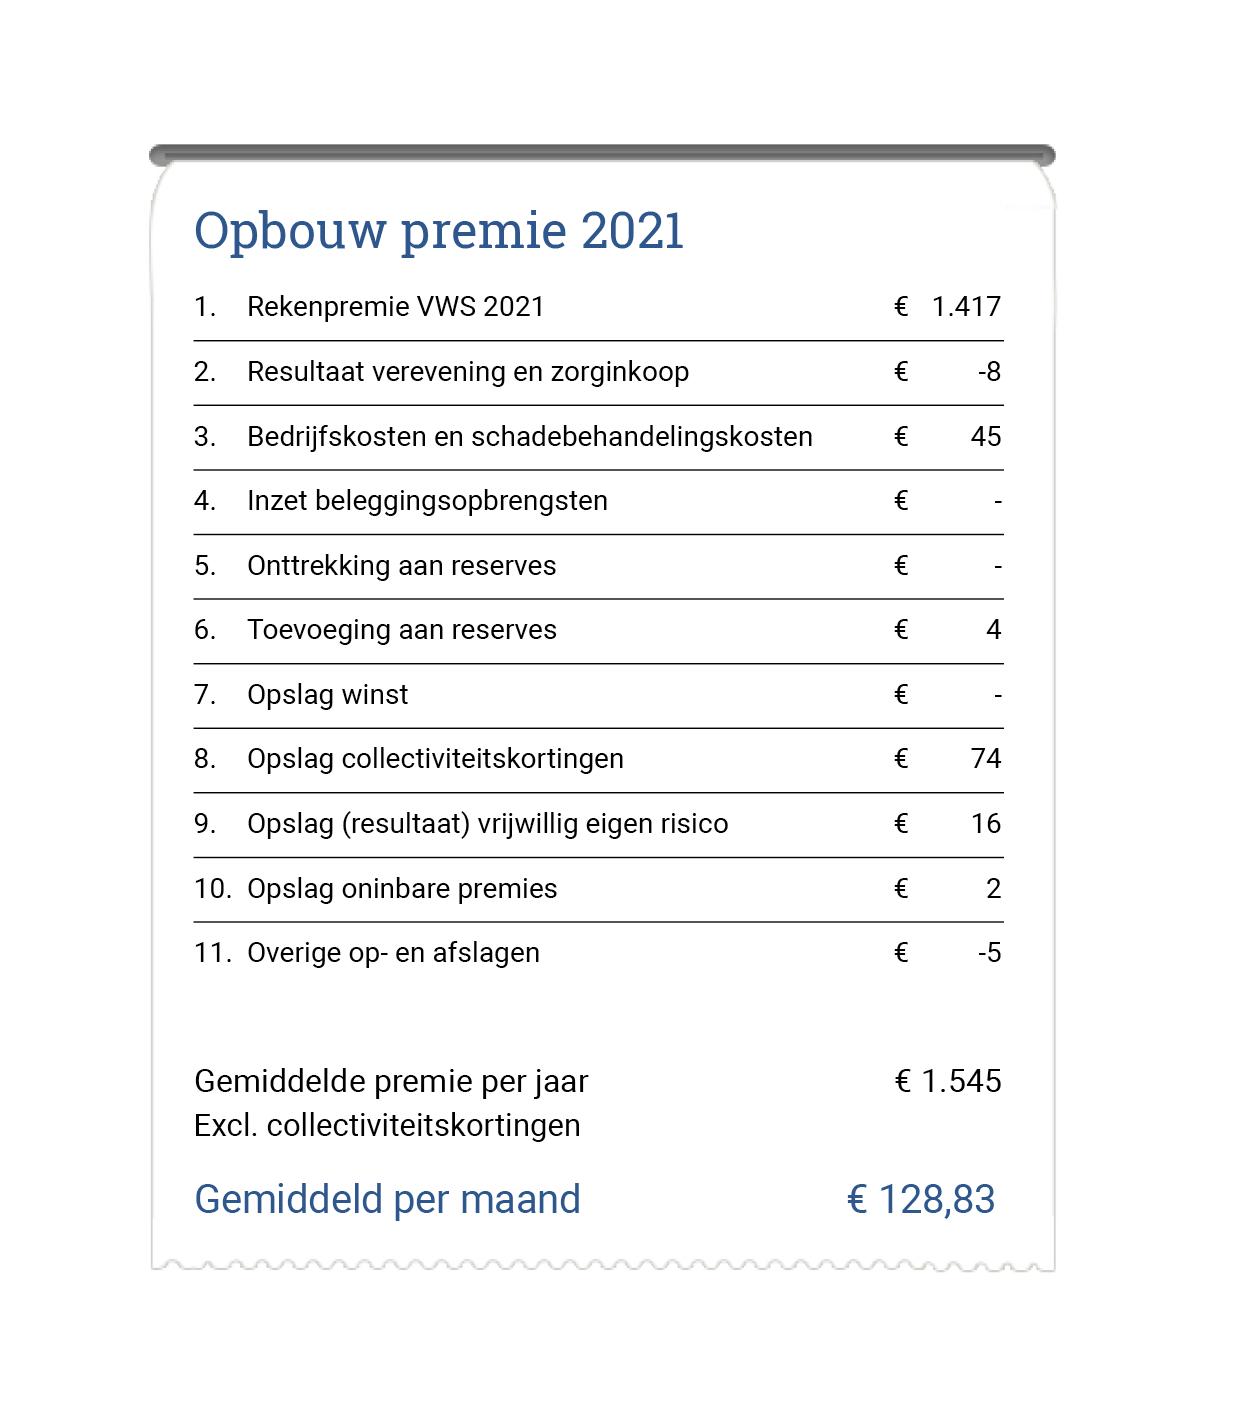 Opbouw van de premie in 2020